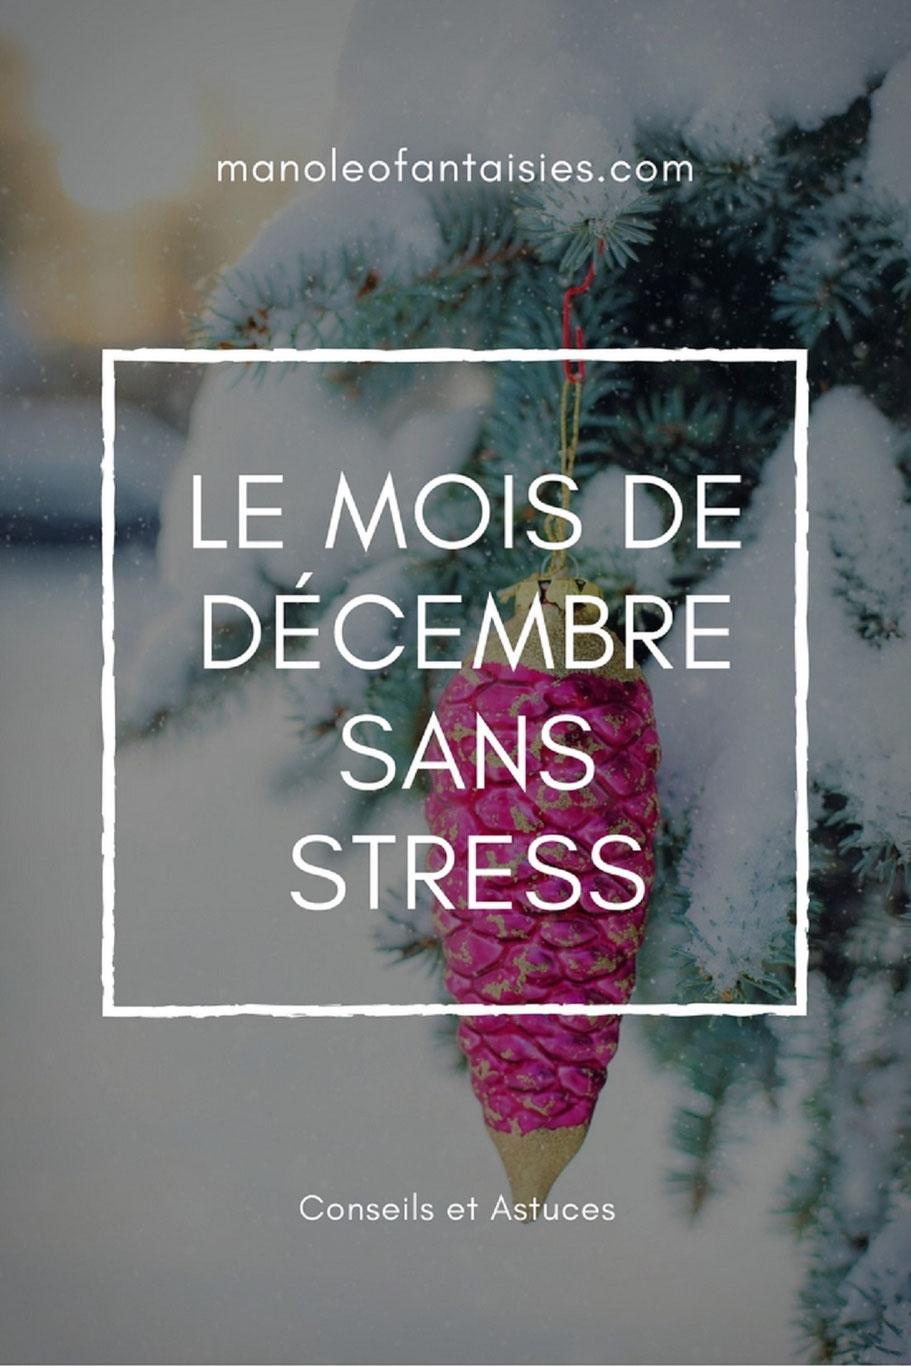 Le mois de Décembre sans stress conseils et astuces